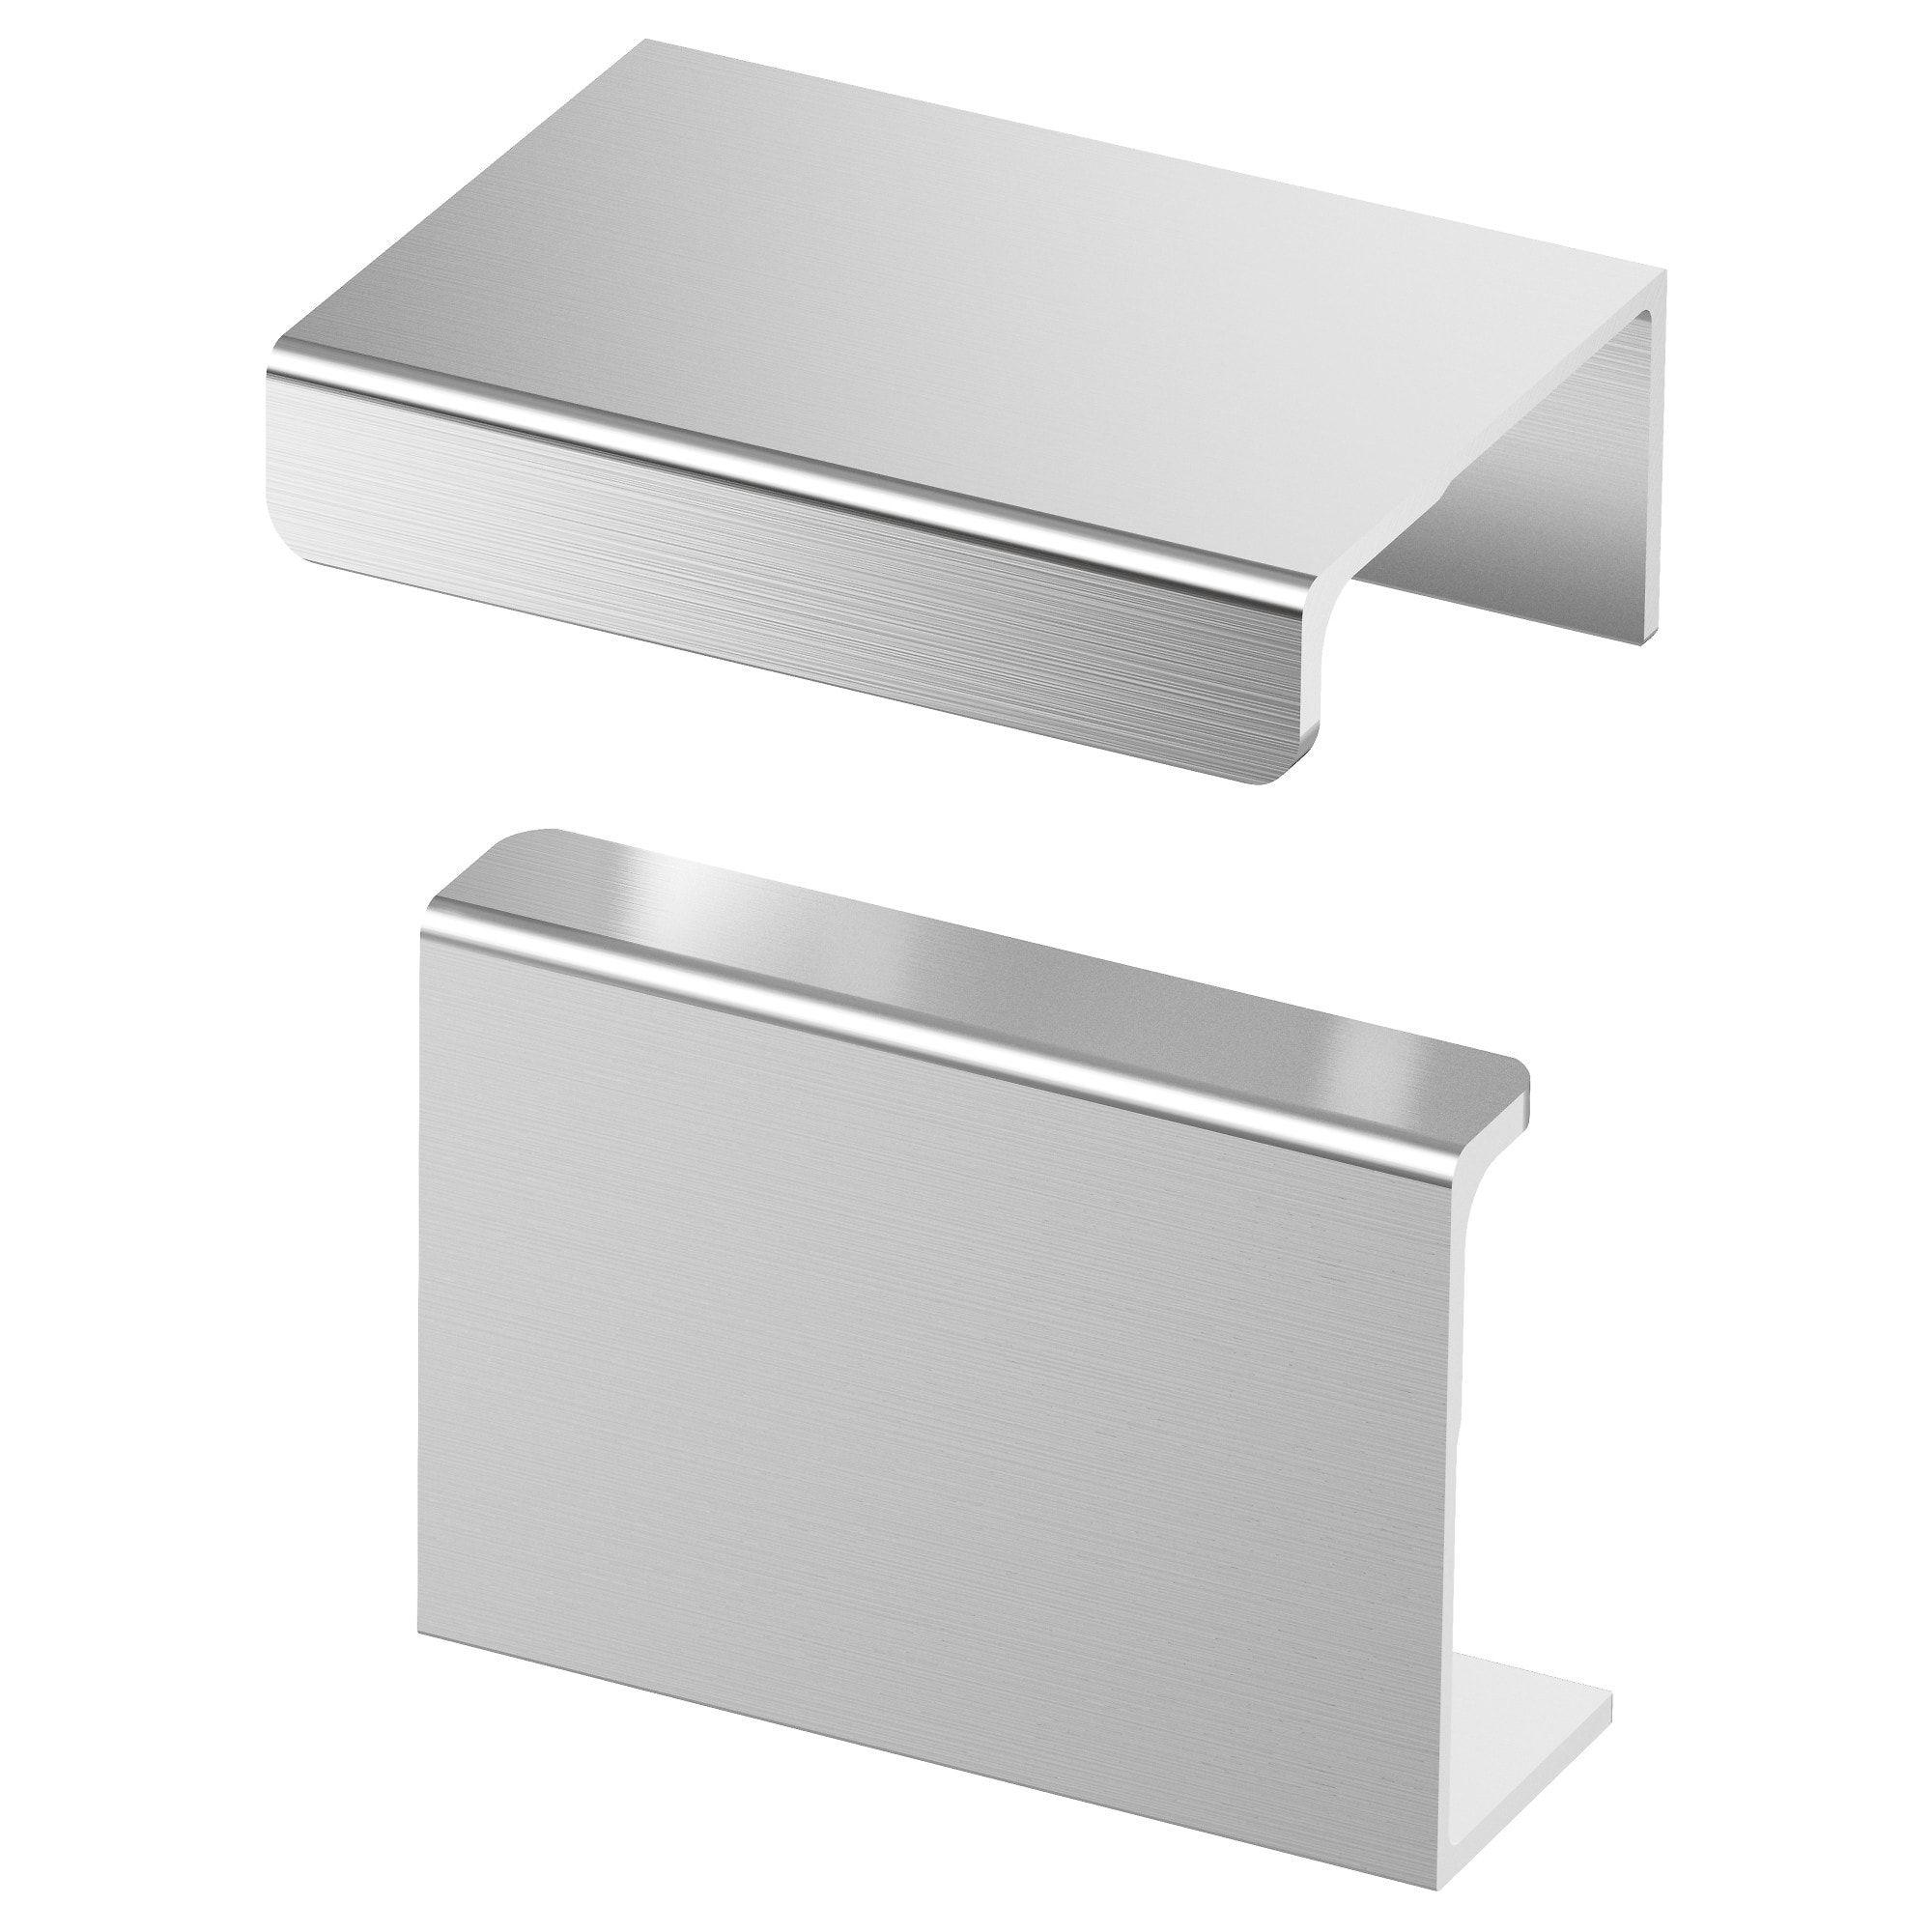 Poignée De Cuisine Ikea meubles et accessoires | rangement modulaire, ikea et